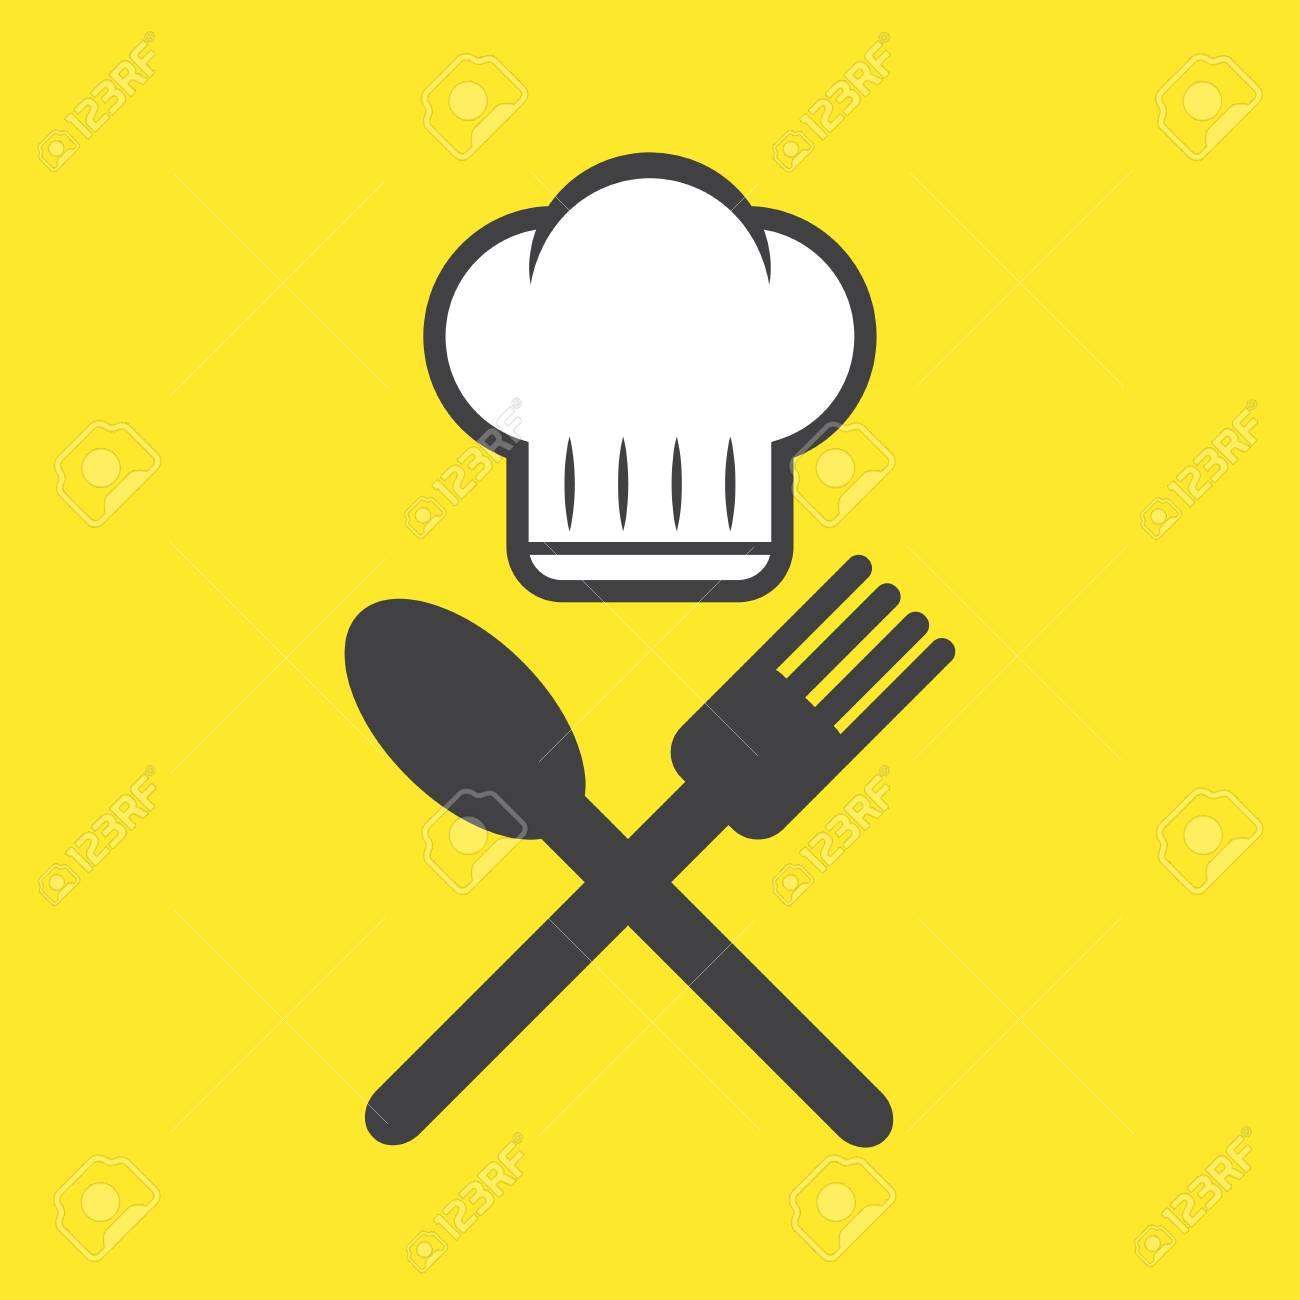 Koch, Koch, Kochen, Restaurant-Symbol, Logo. Vektor-Illustration. Küche, Küche Design-Konzept.